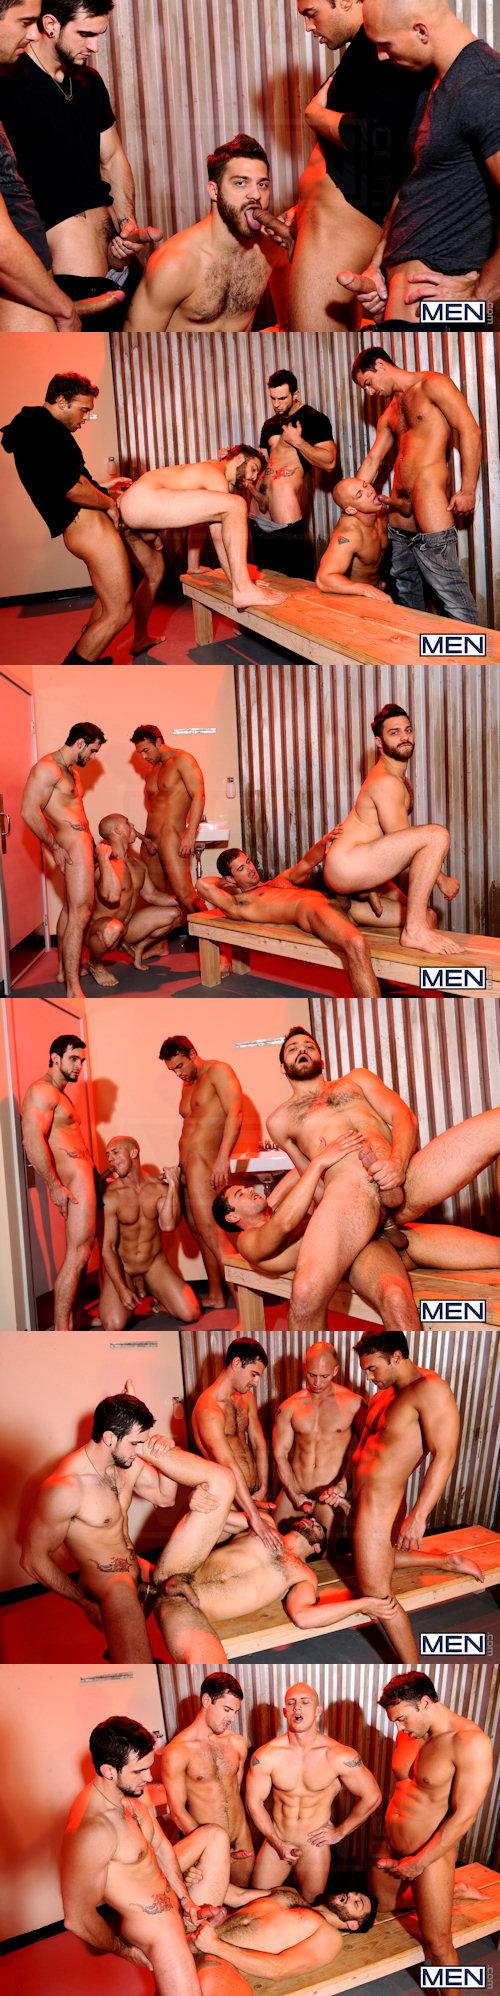 men0222b.jpg